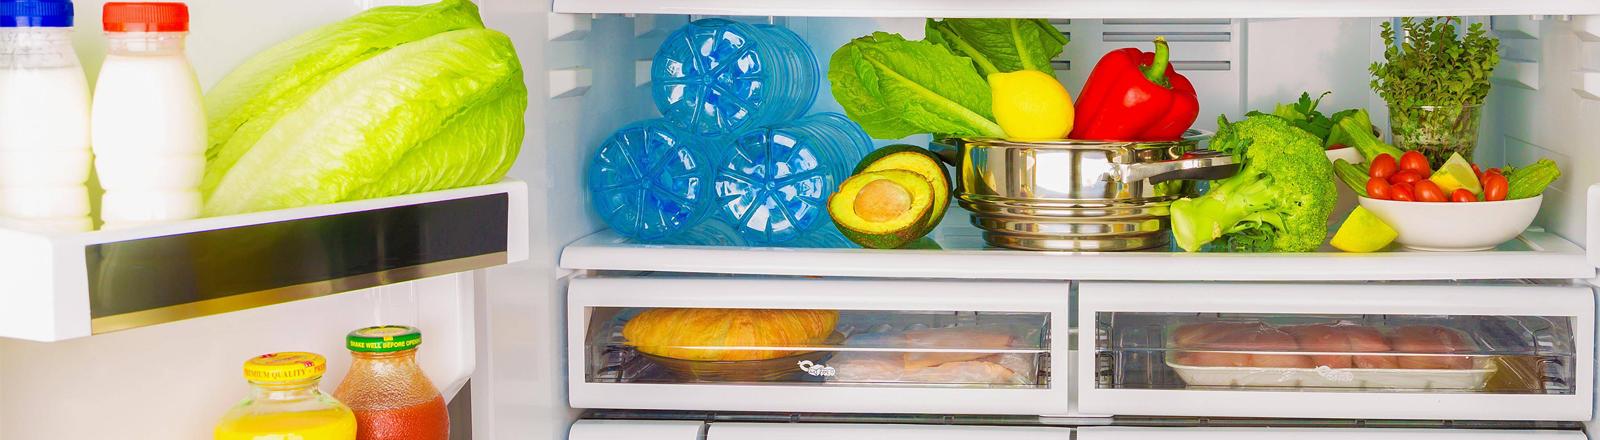 Ein geöffneter Kühlschrank mit Lebensmitteln